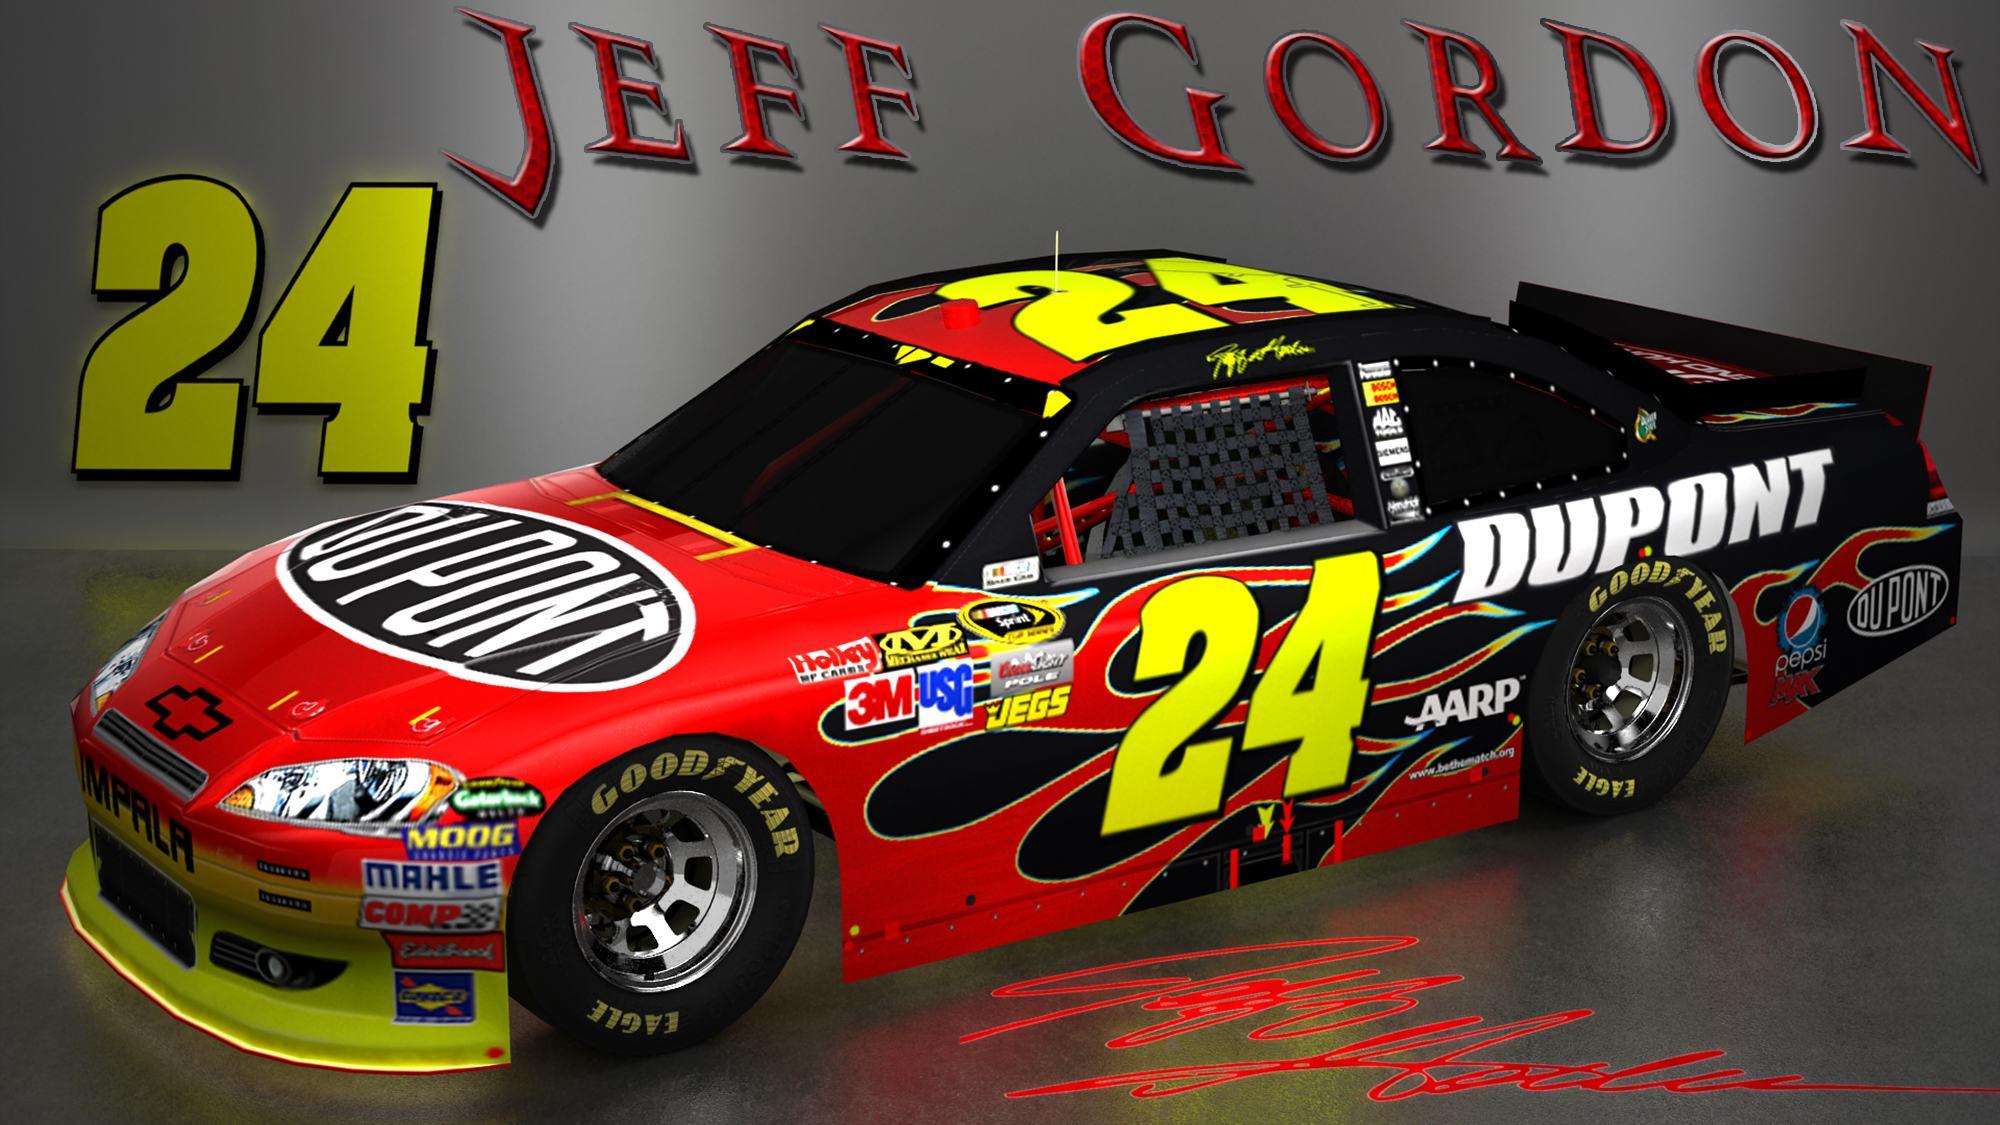 Jeff Gordon Desktop Wallpapers 2000x1125